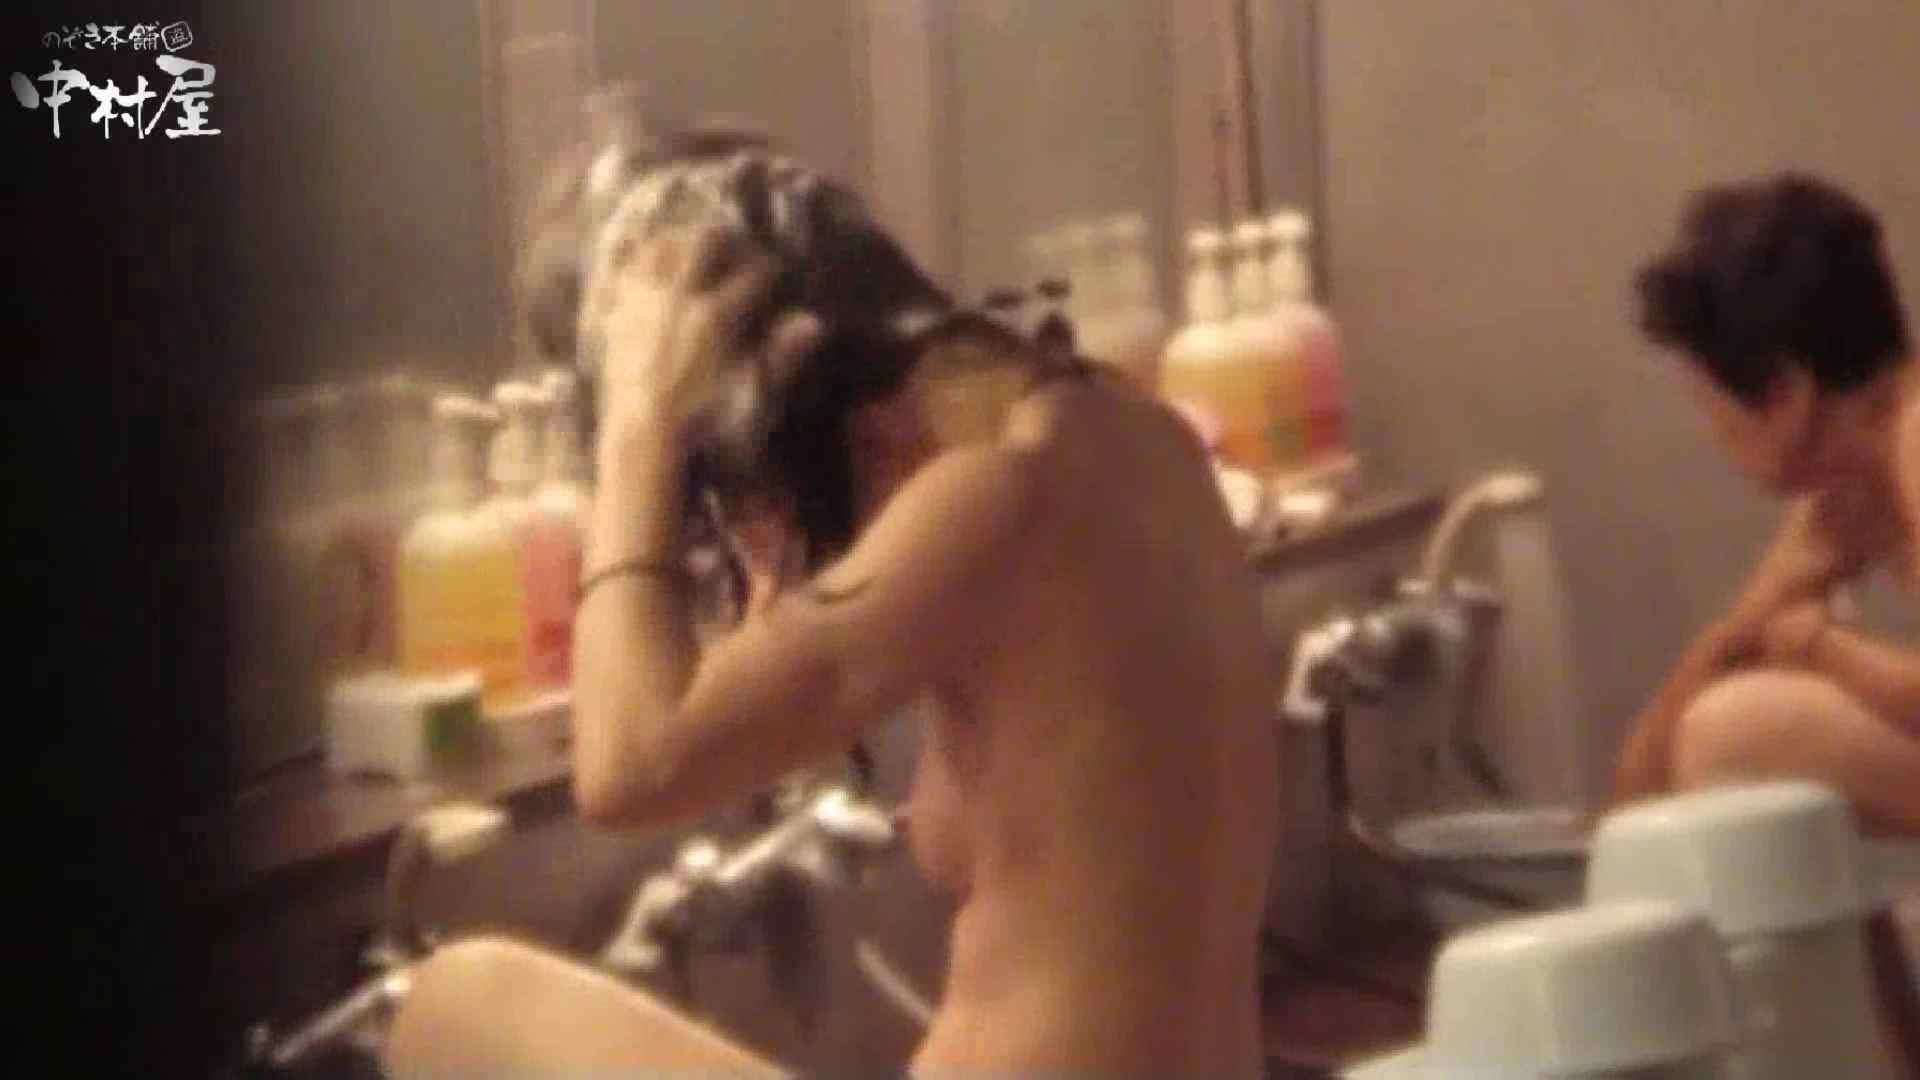 民家風呂専門盗撮師の超危険映像 vol.009 美女ヌード AV動画キャプチャ 104画像 32